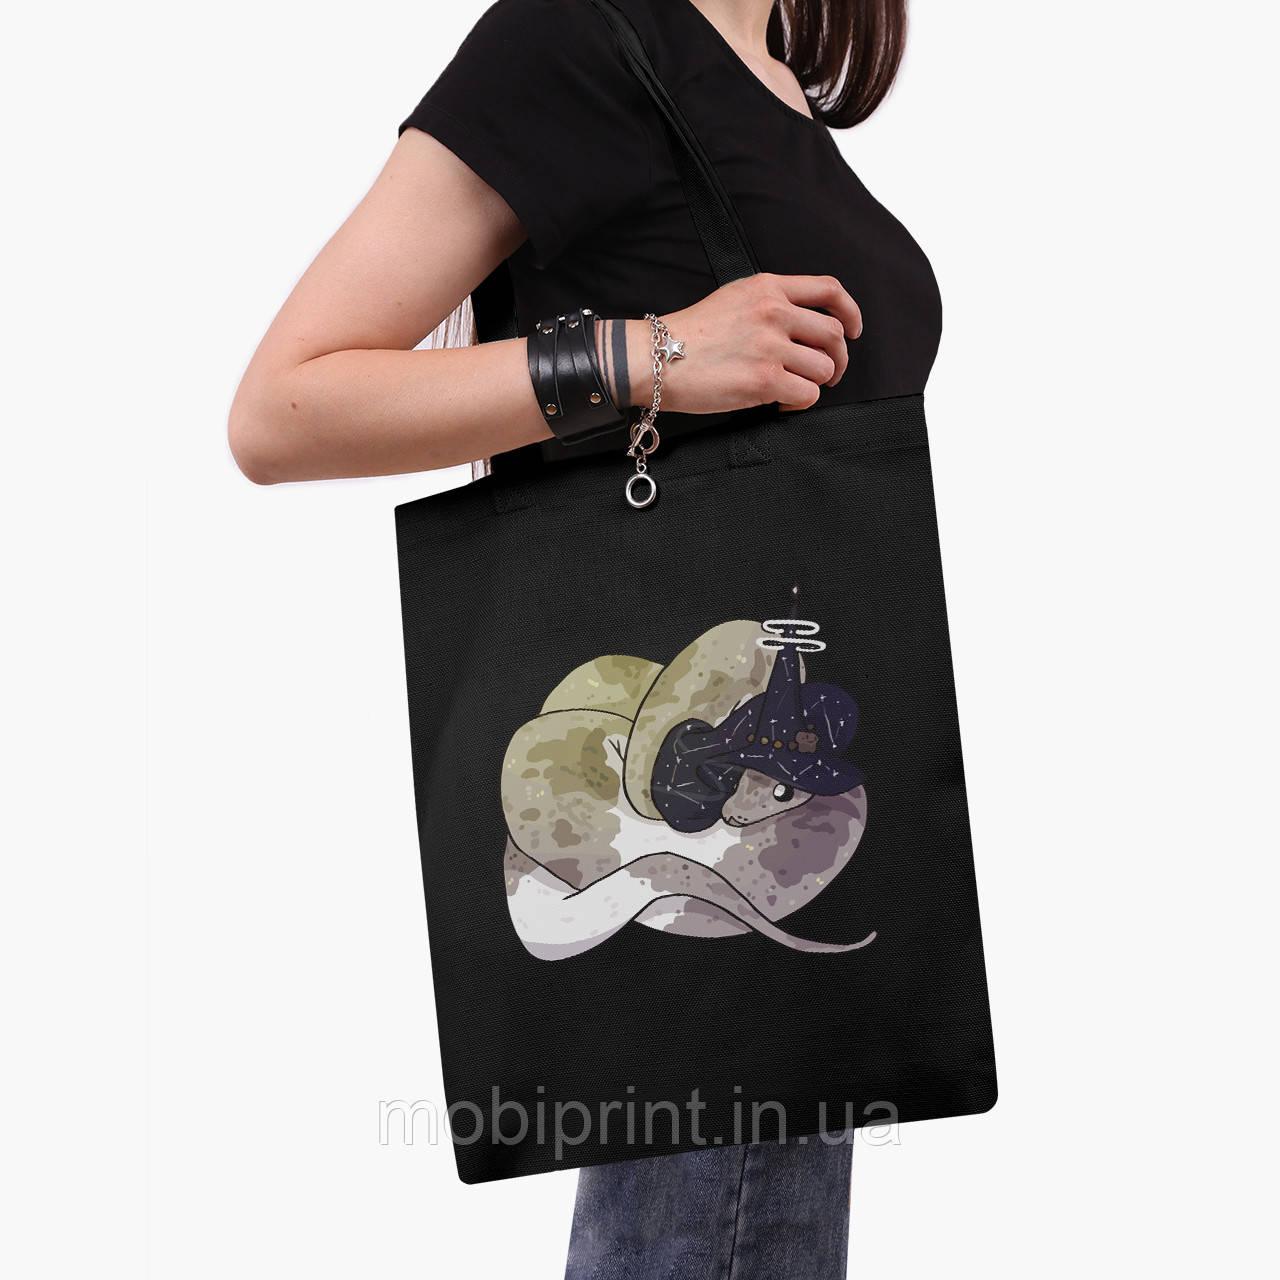 Эко сумка шоппер черная Магическая змея (Magic snake) (9227-2848-2)  41*35 см